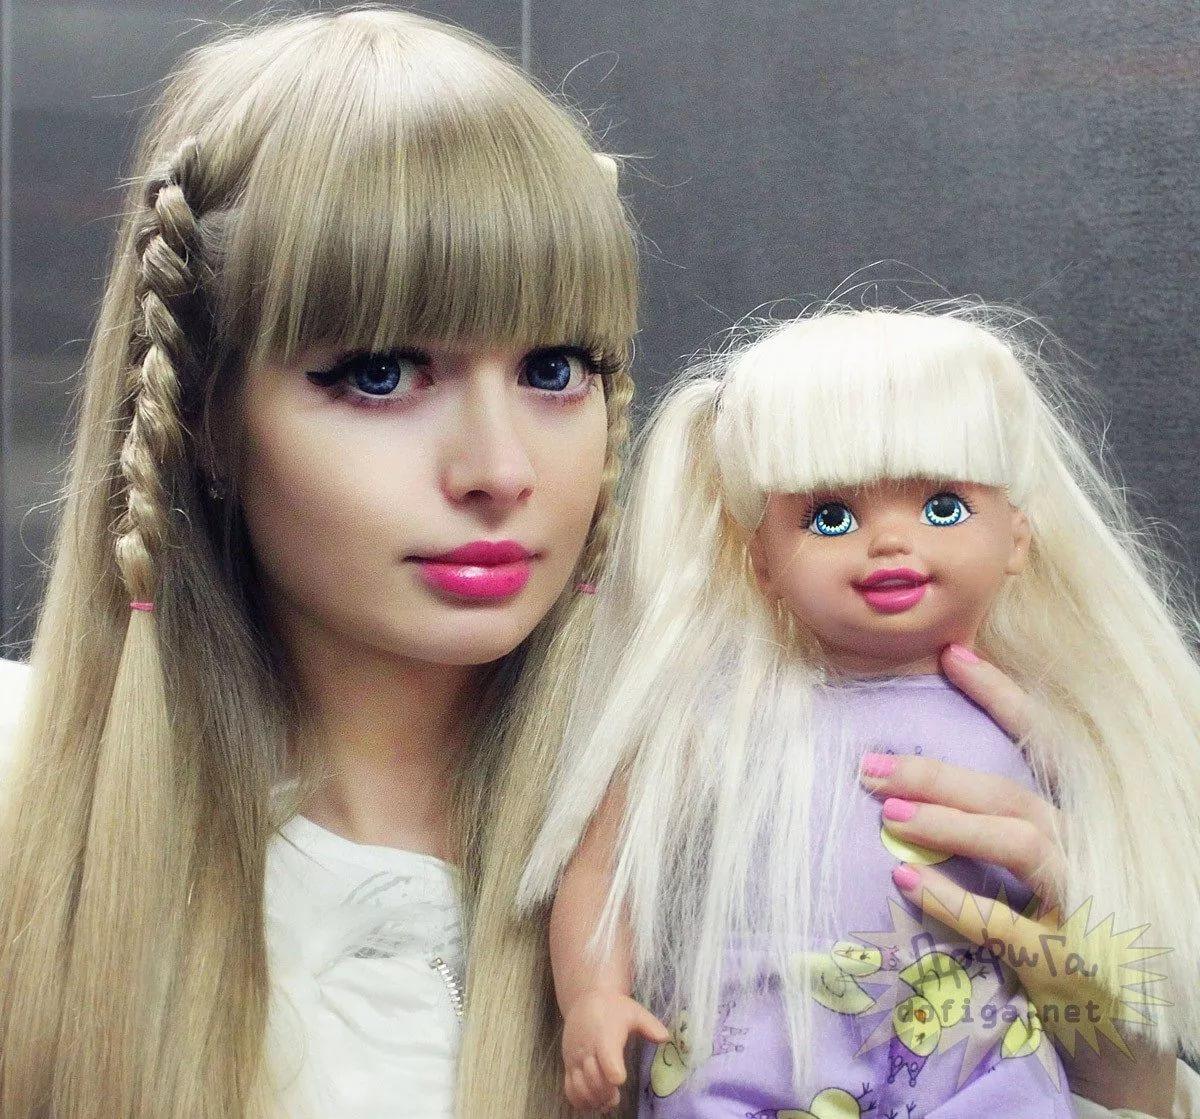 живые куклы артисты фото с ними что